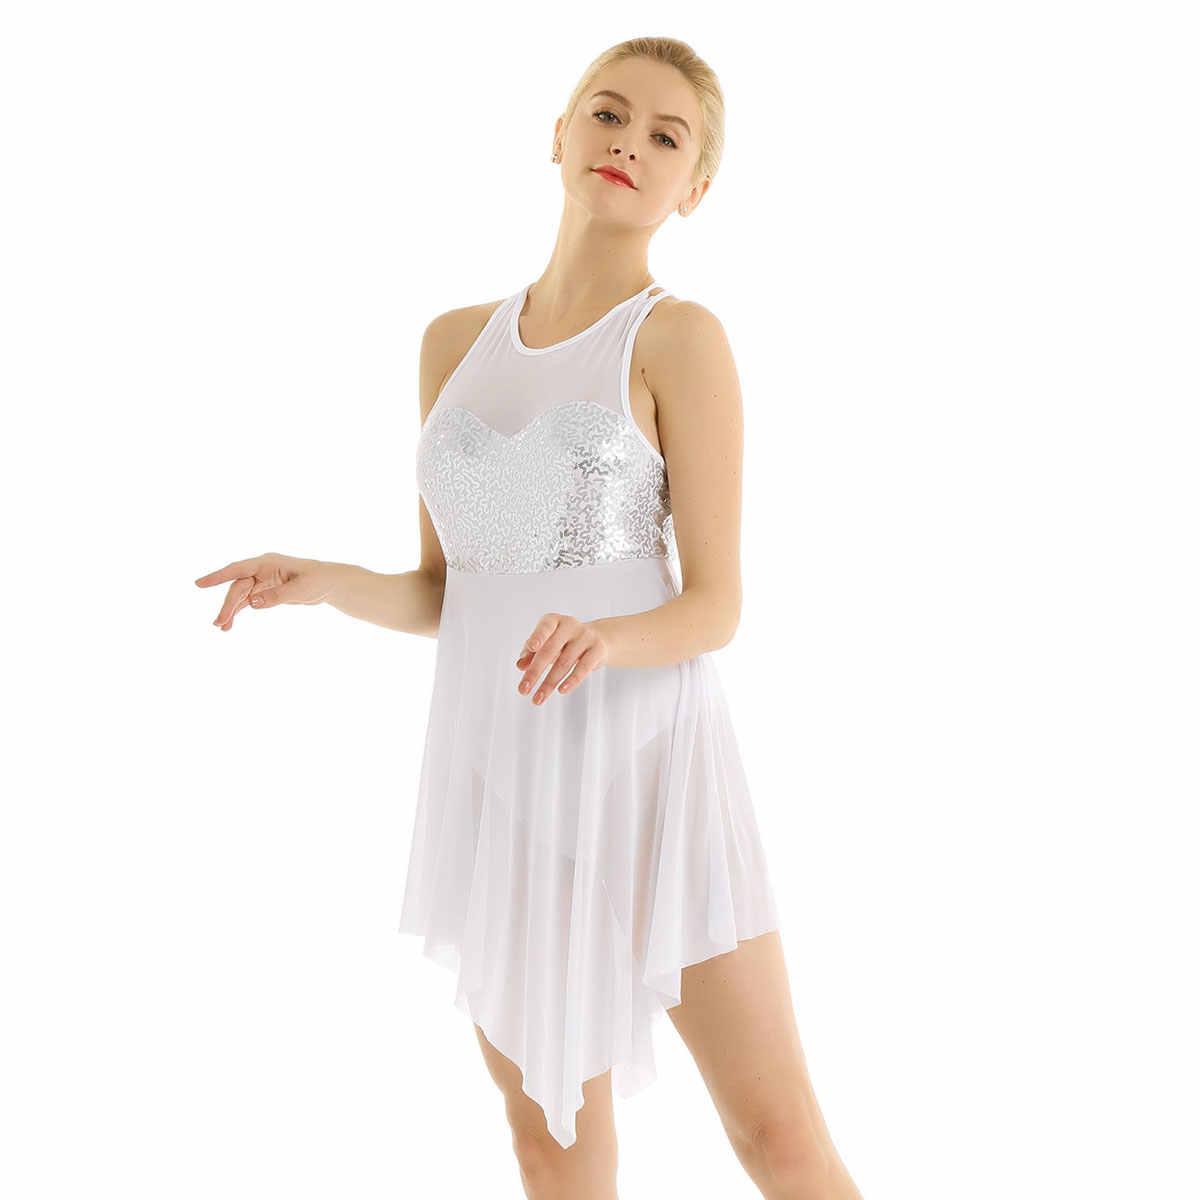 Iiniim, для взрослых, с блестками, асимметричный костюм, сетка, крест-накрест на спине, гимнастический купальник, Одежда для танцев для женщин, балерина, танцевальное платье